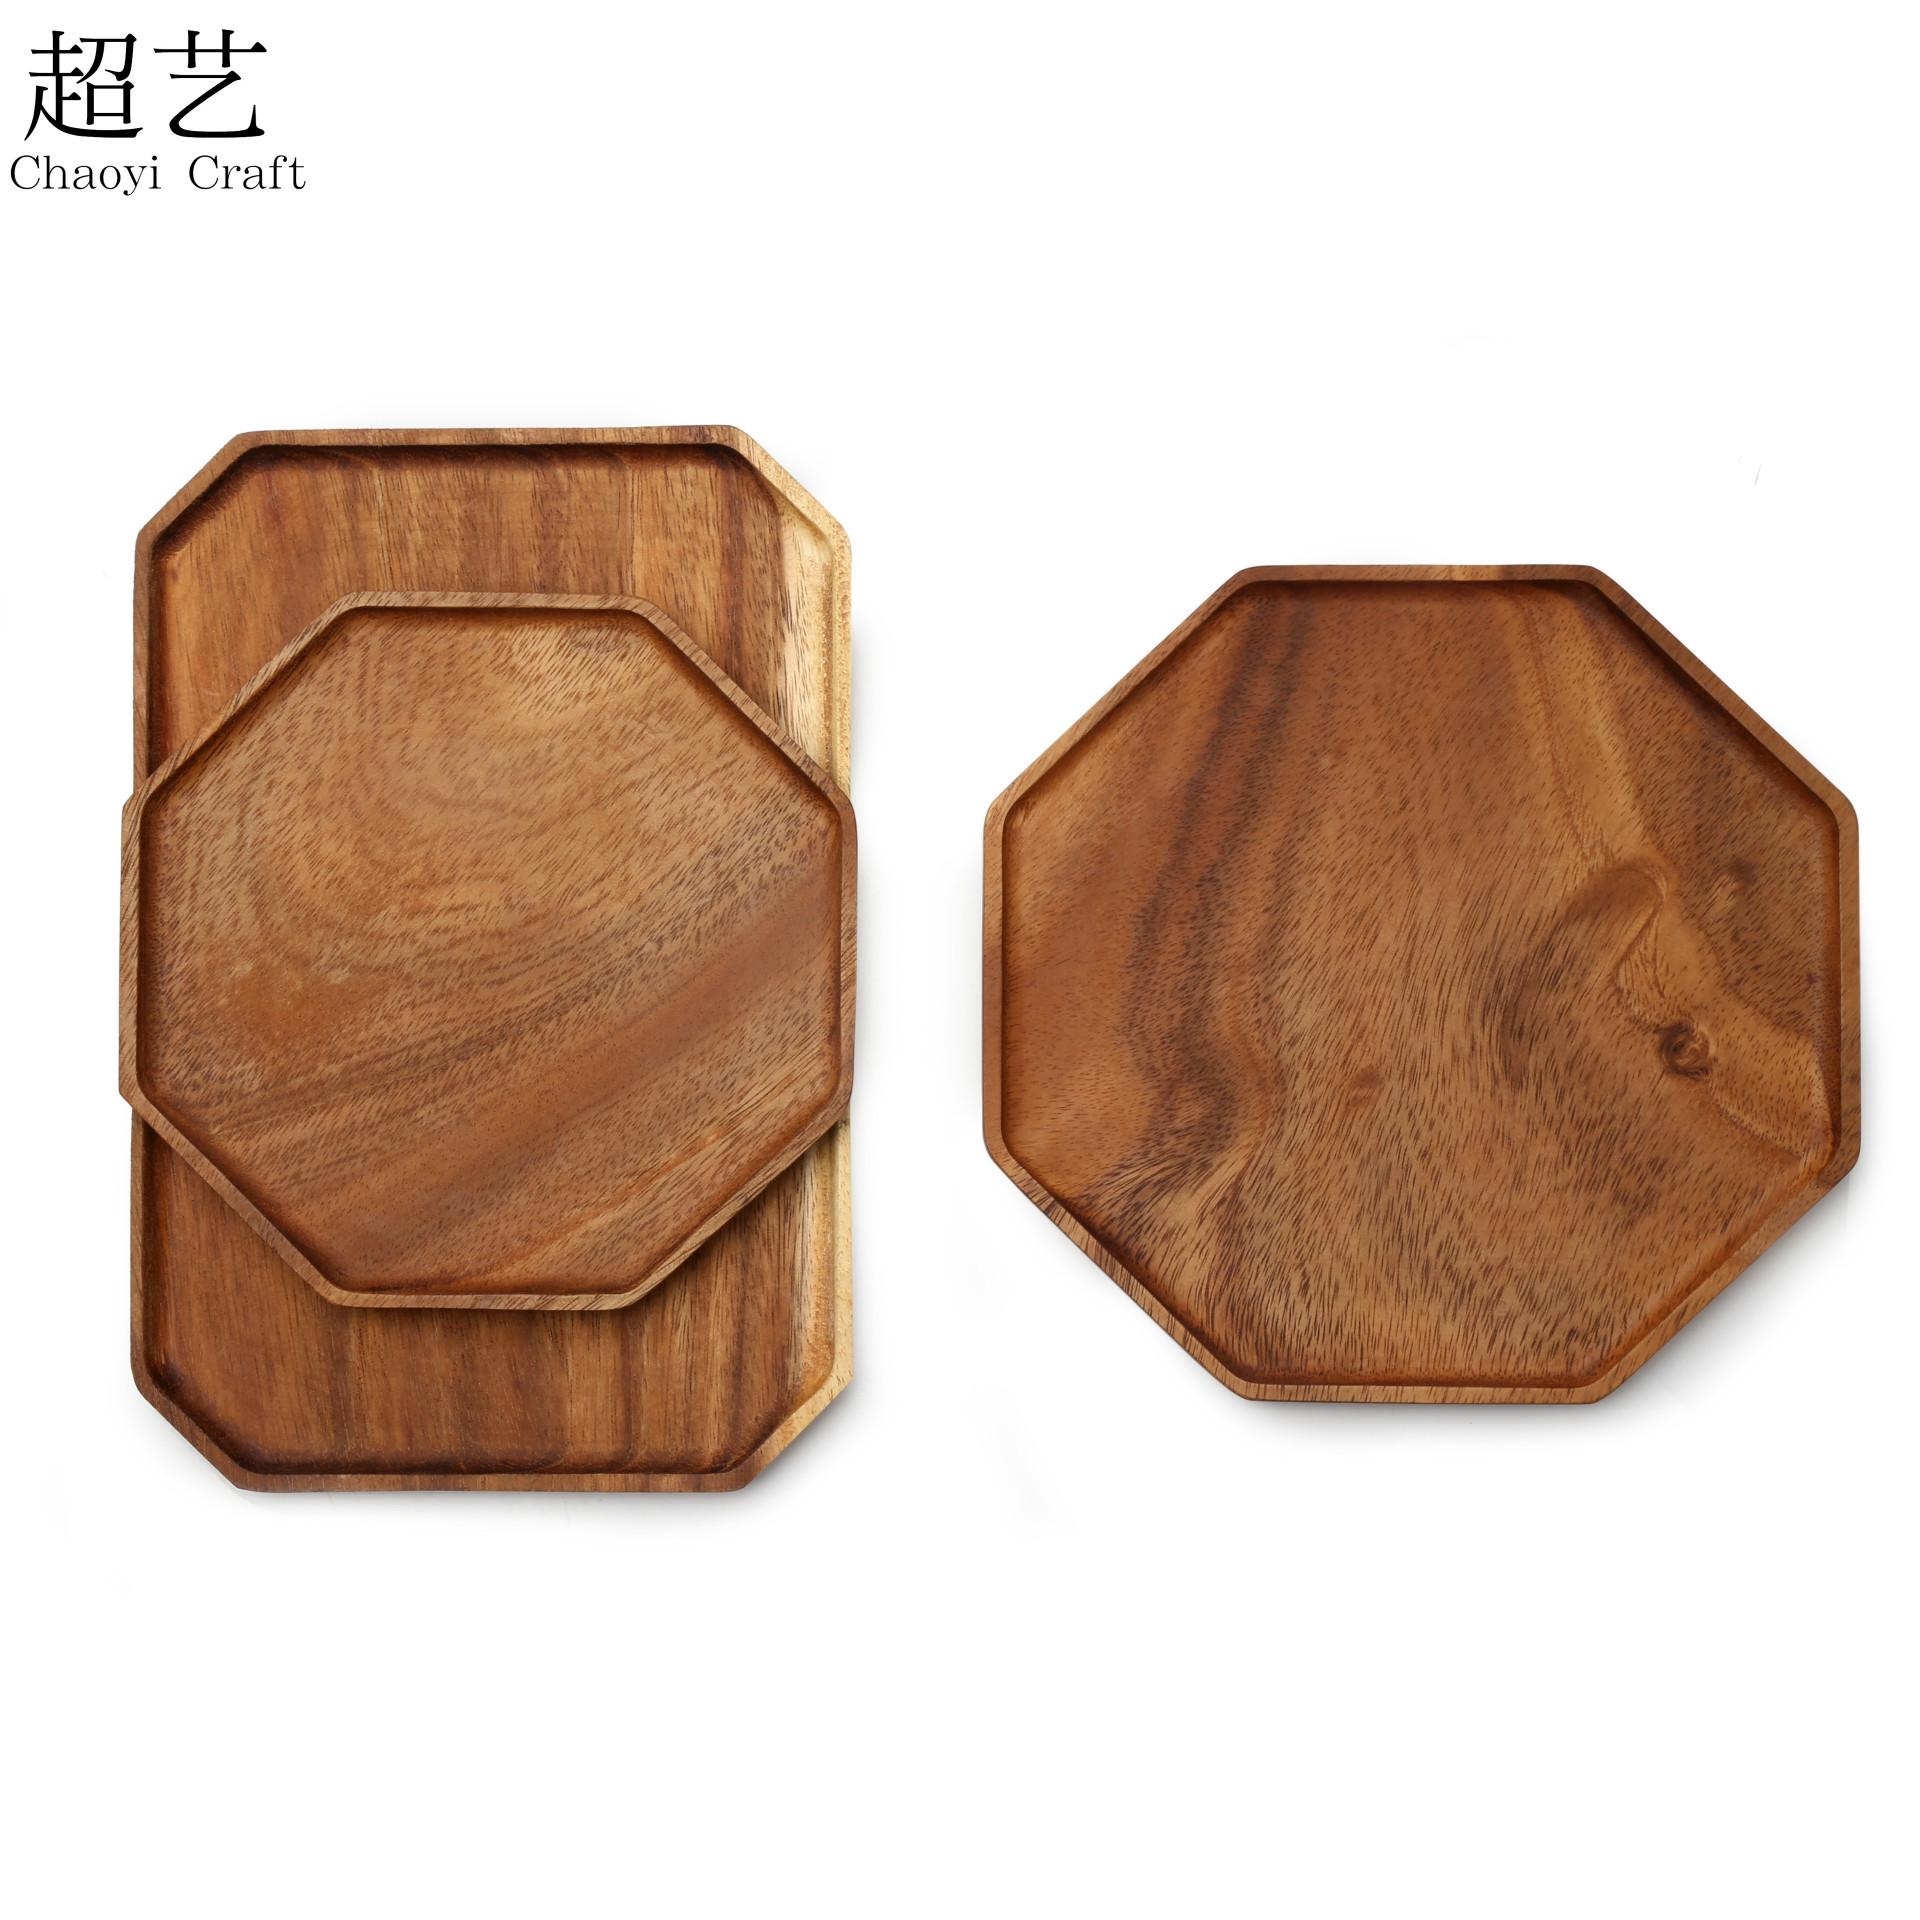 Mâm nhựa / Pallet nhựa Thiết kế ban đầu Khay treo bát giác bằng gỗ không sơn, khay đựng trà Acac Kun